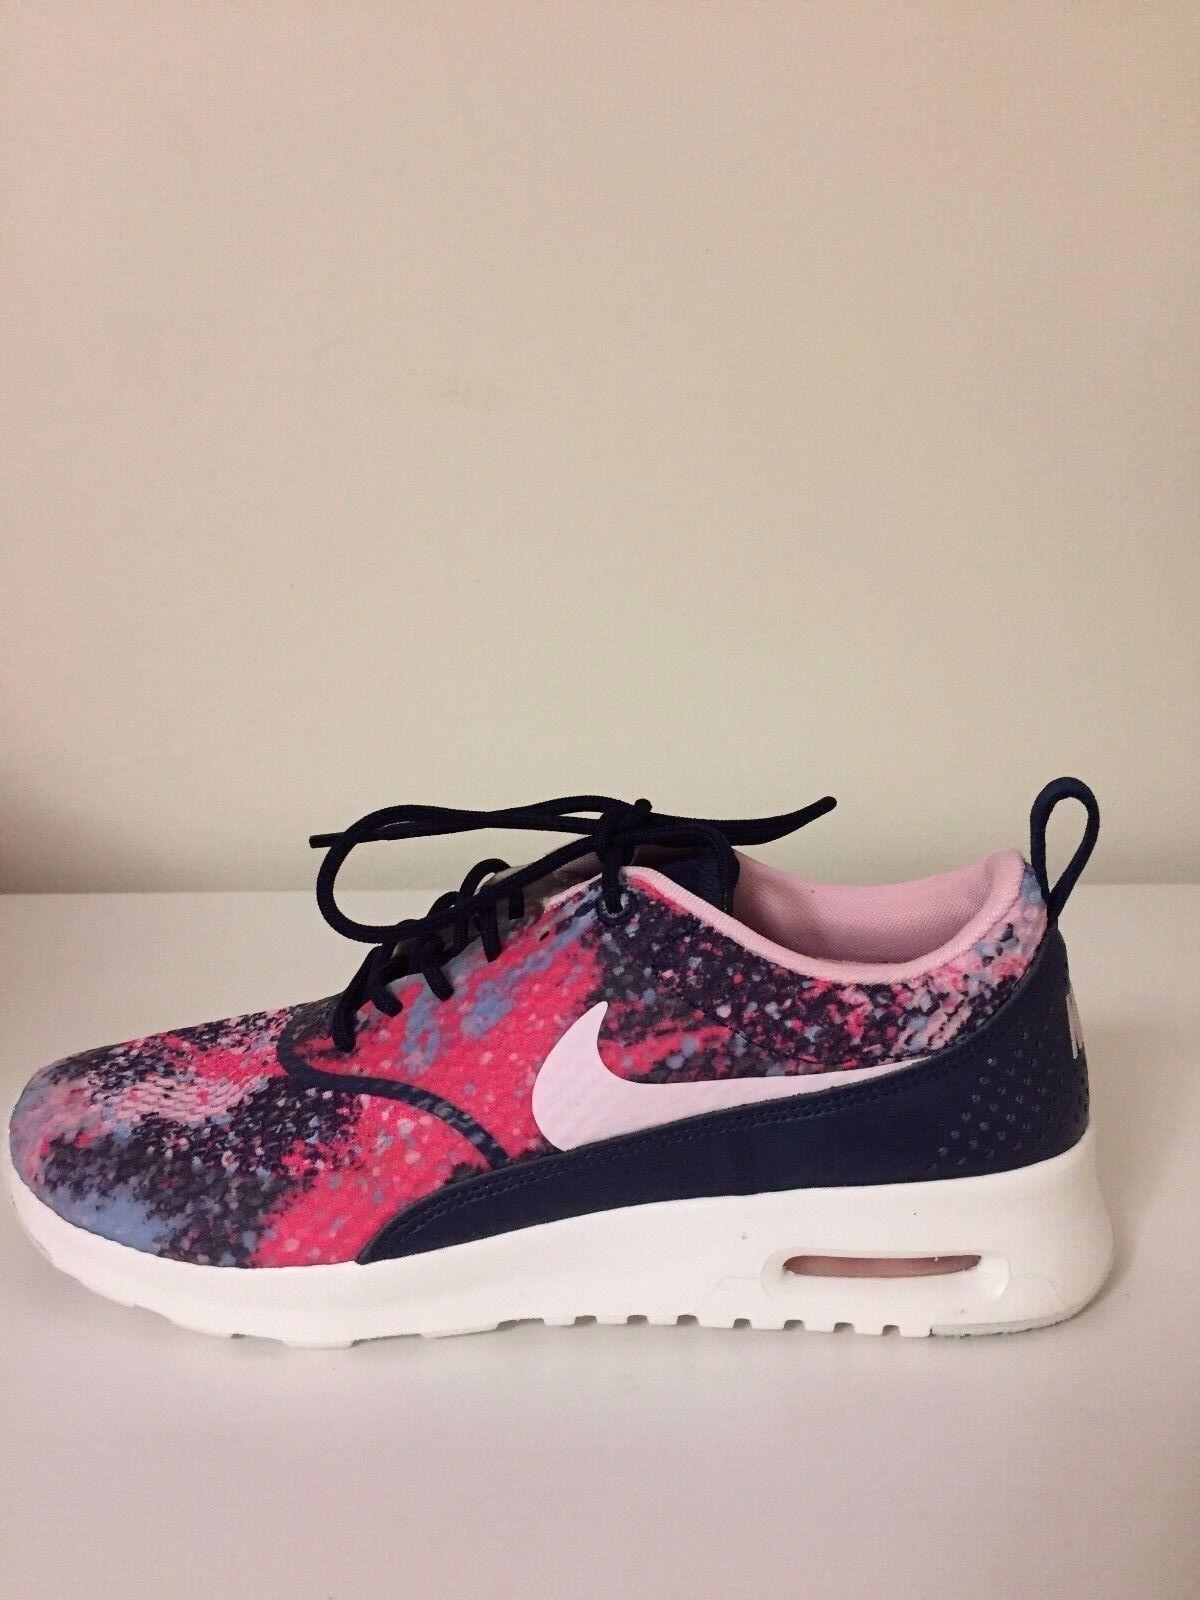 Nike Air Max Thea Thea Thea Print Premium 599408-406 colorfull Wmn Sz 7 8459a6